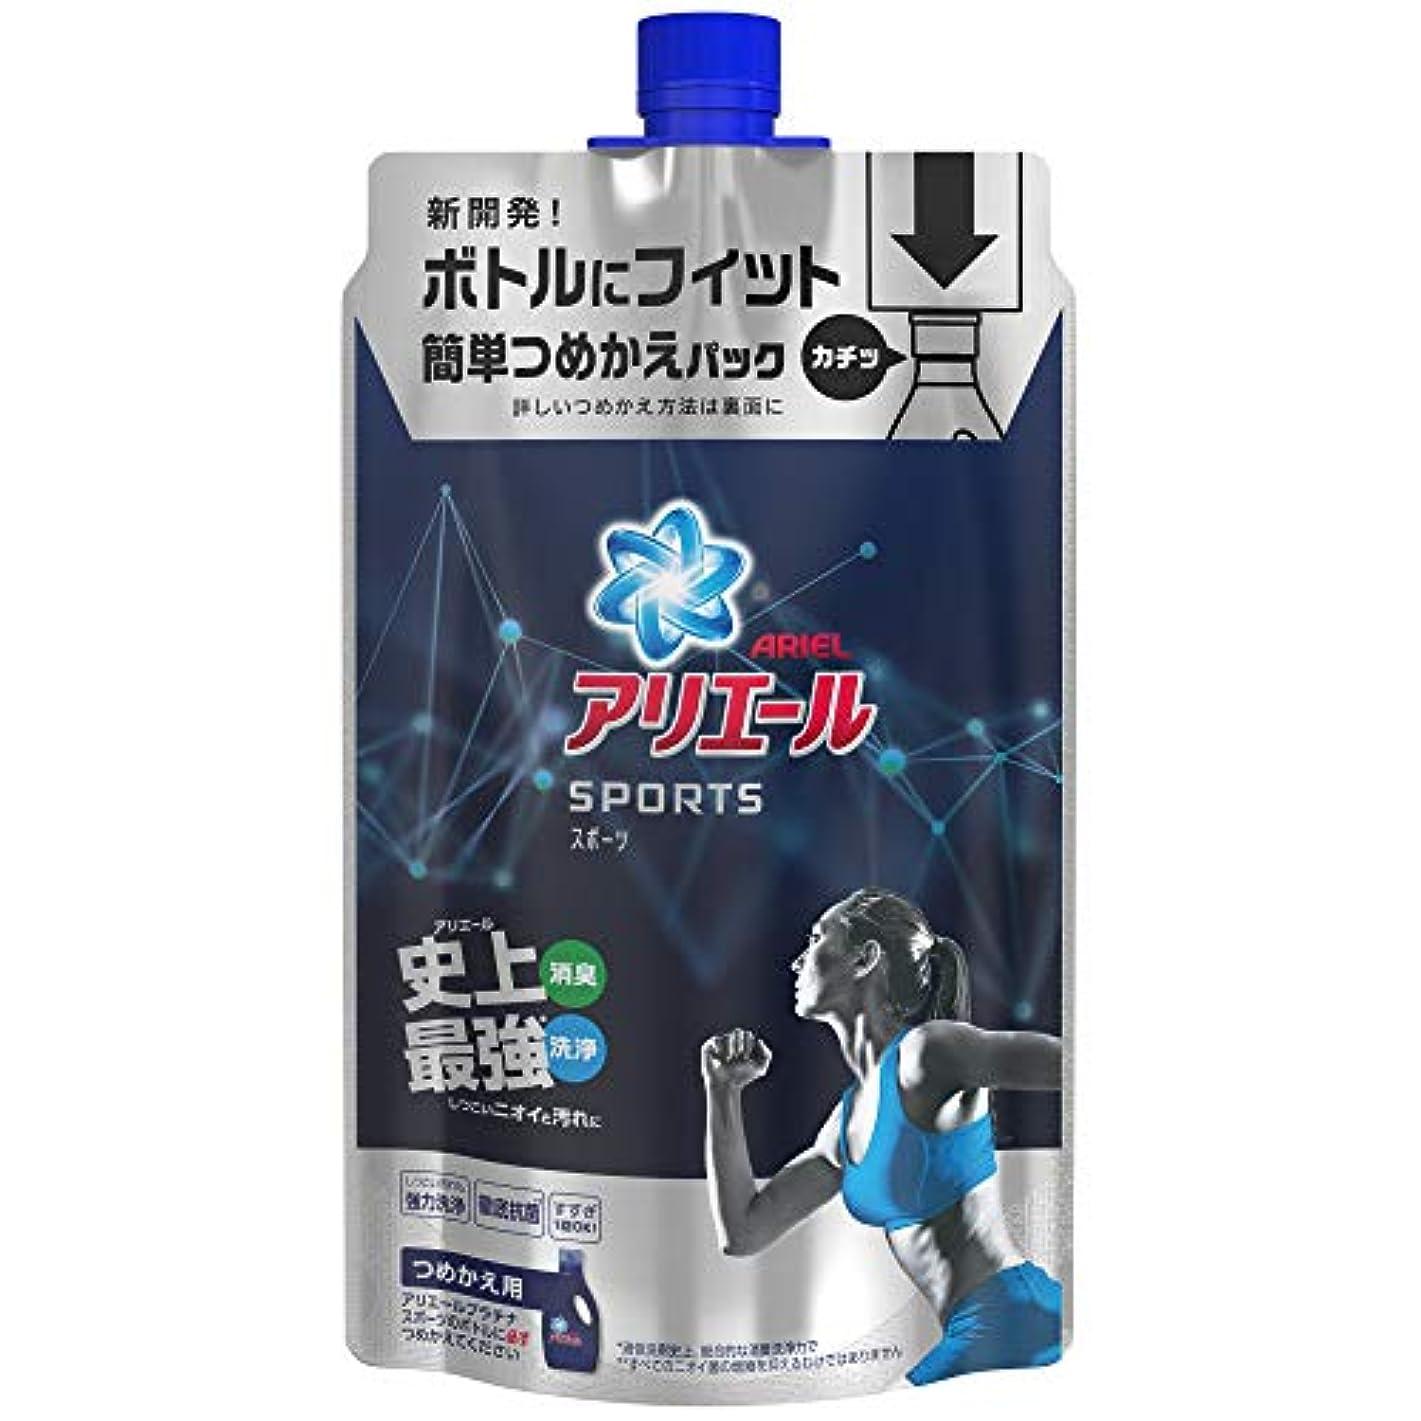 連続的見つけた掃くアリエール 洗濯洗剤 液体 プラチナスポーツ 詰め替え 720g